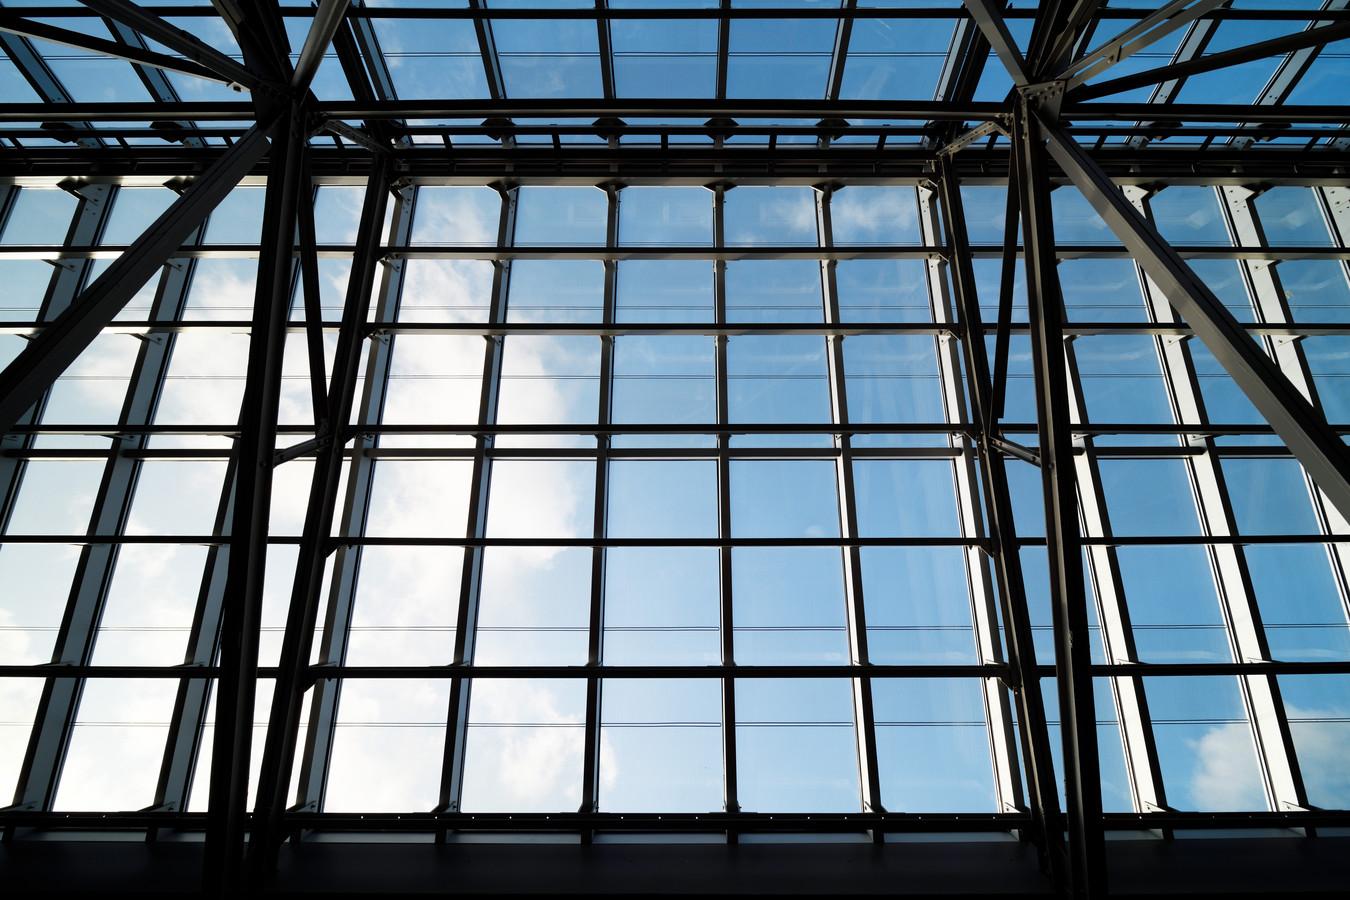 De douaneloods heeft een unieke en hoogtechnologische lichtstraat gekregen.